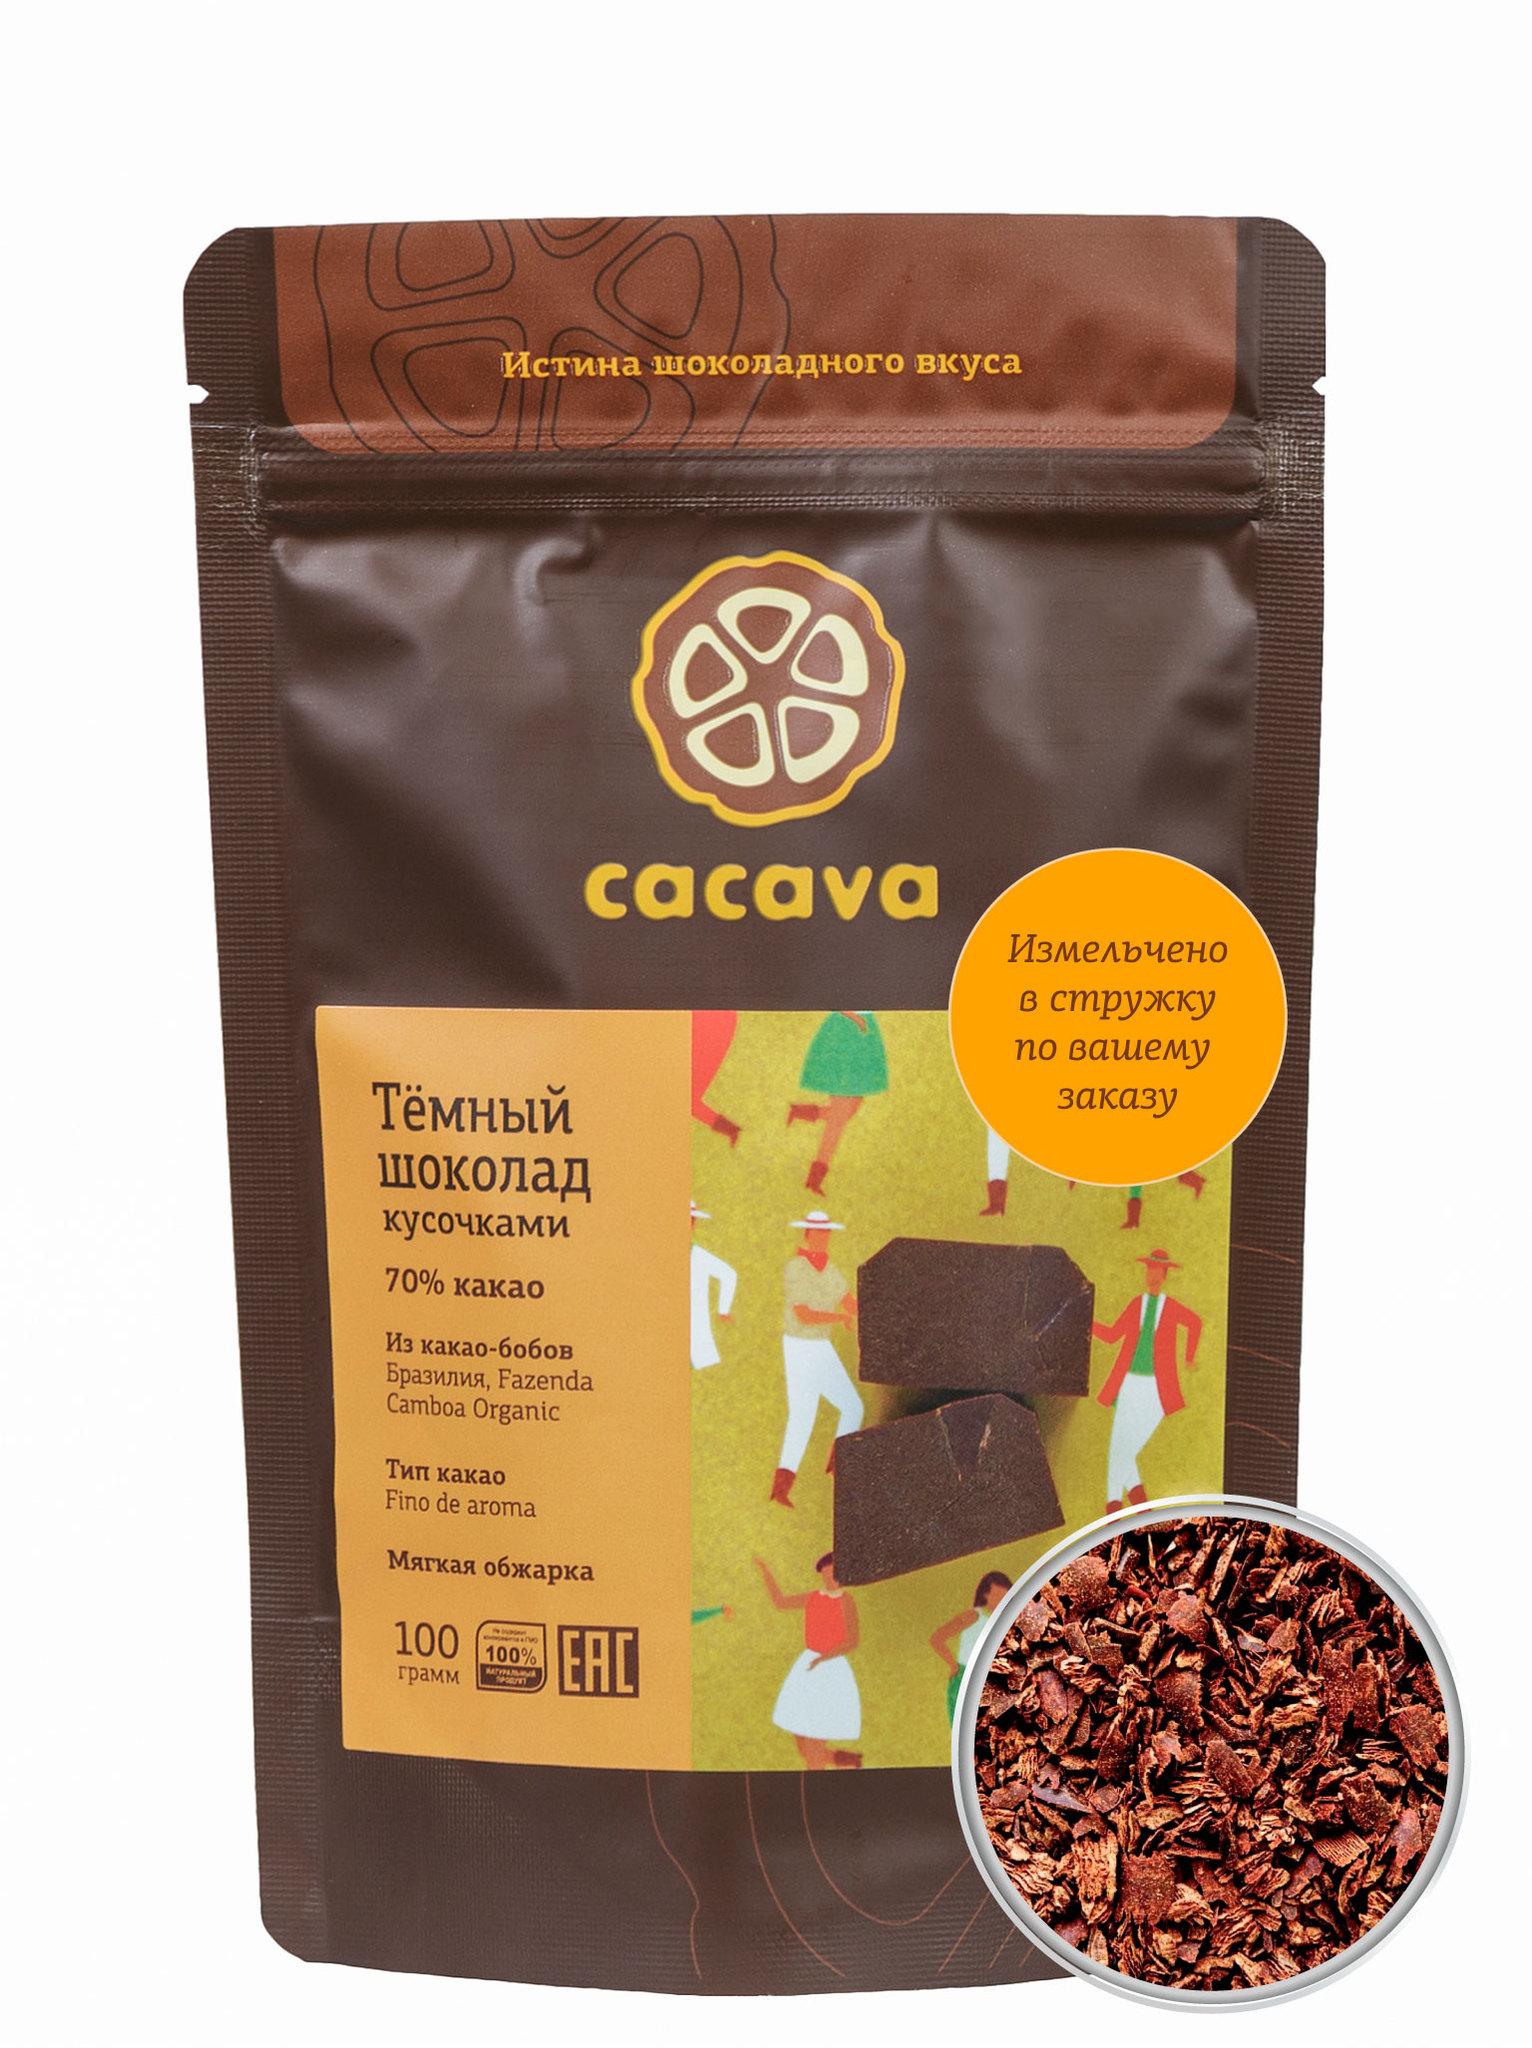 Тёмный шоколад 70 % какао в стружке (Бразилия, Fazenda Camboa), упаковка 100 грамм